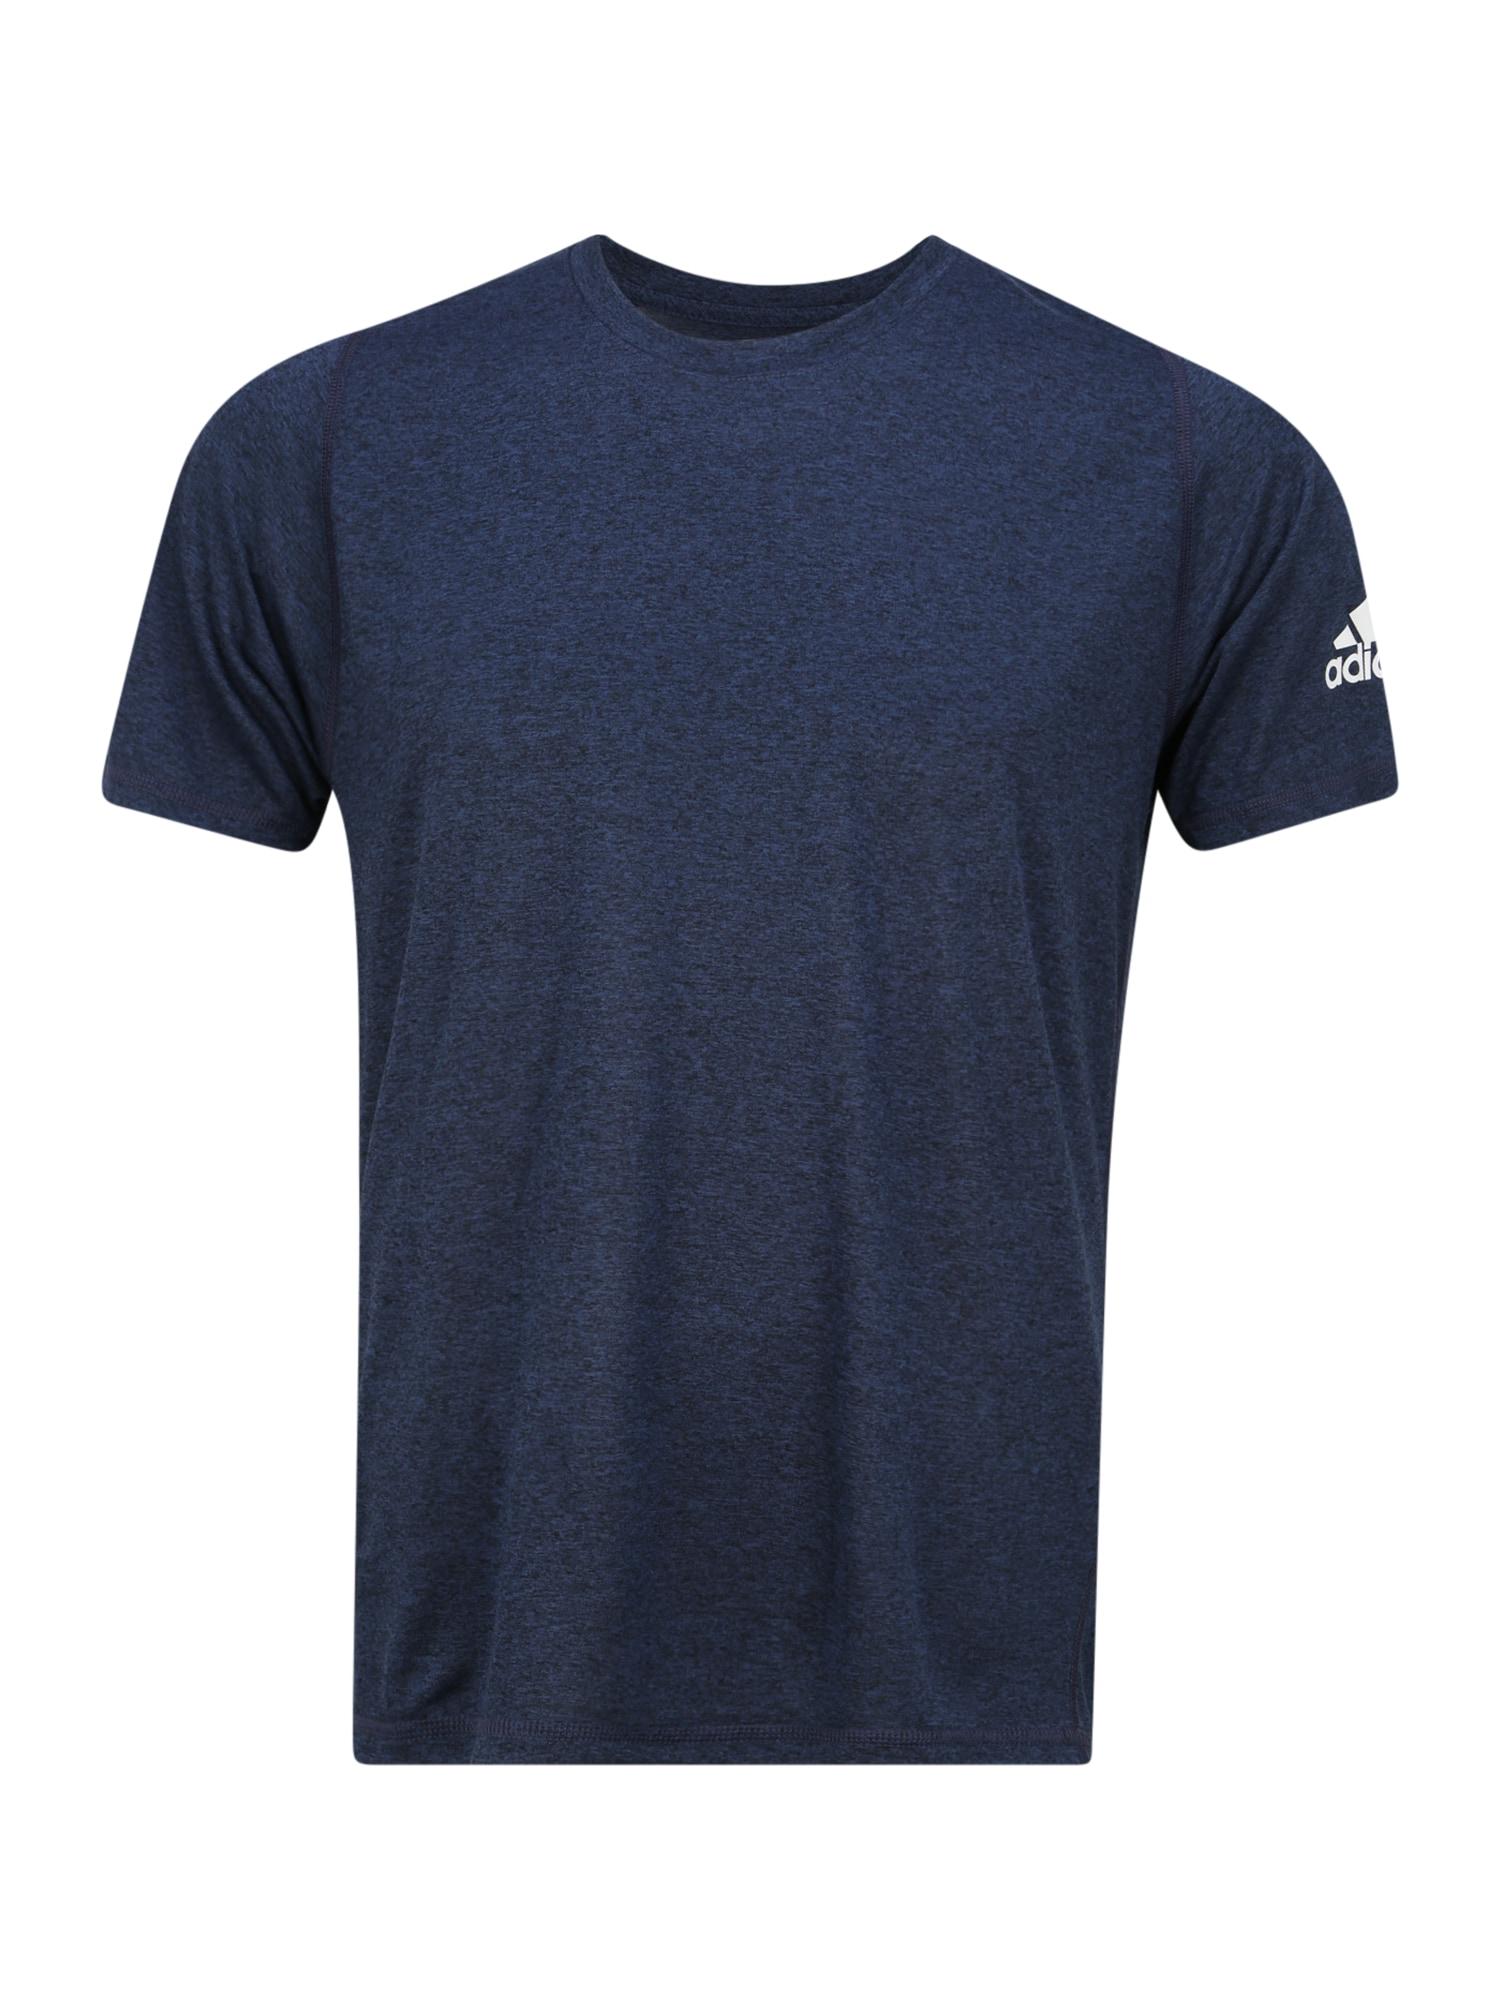 ADIDAS PERFORMANCE Sportiniai marškinėliai 'FL_SPR X UL HEA' indigo spalva